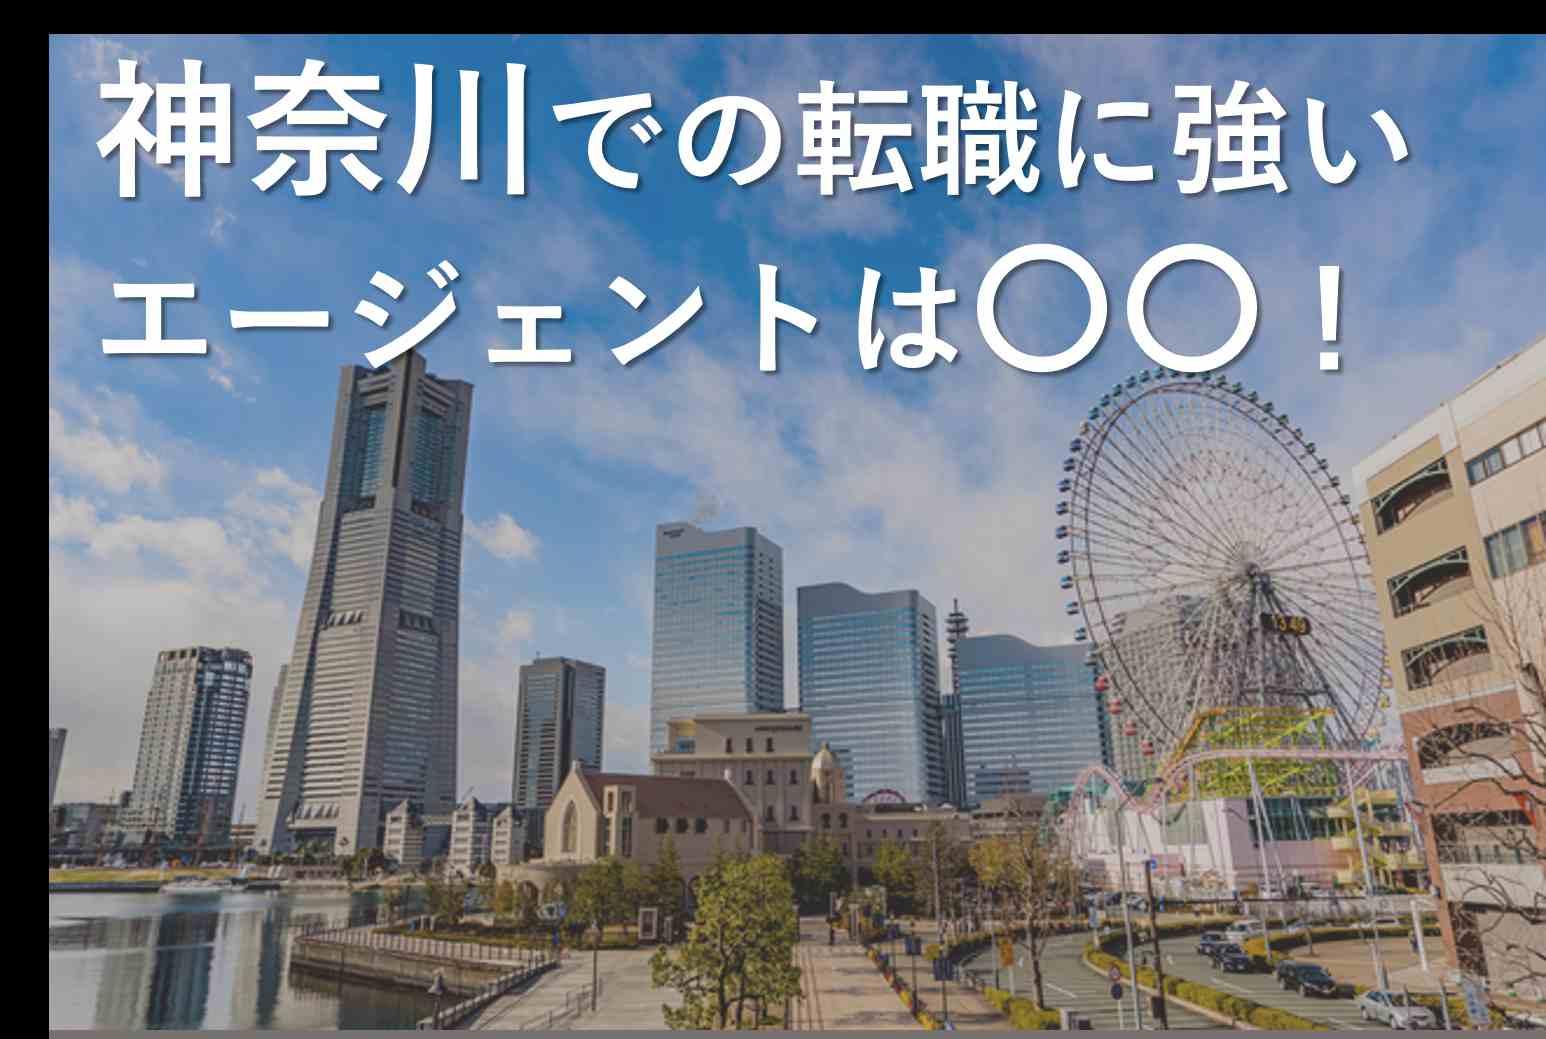 神奈川への転職や移住に役立つアドバイス